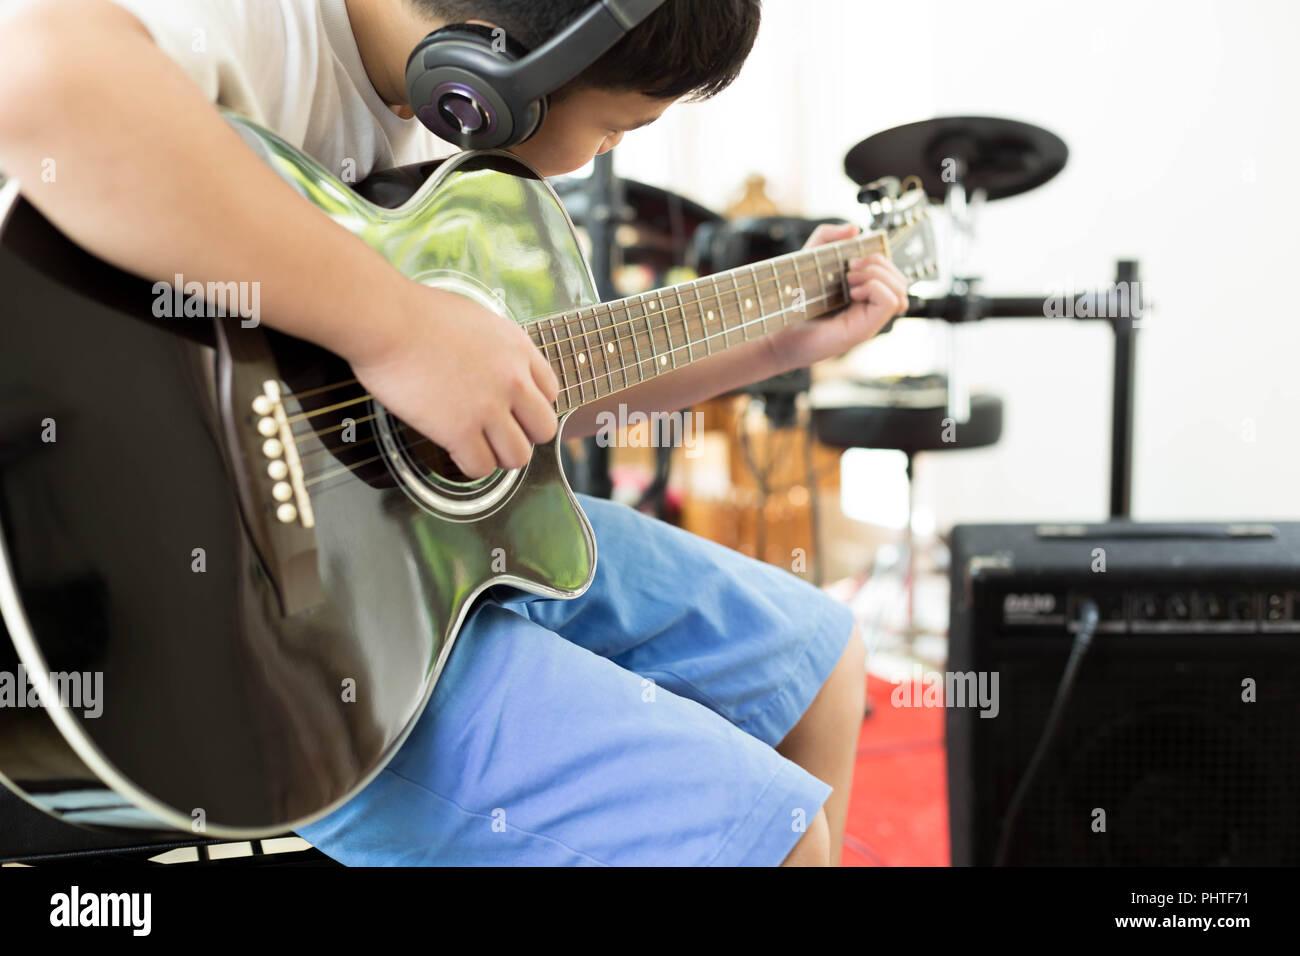 Chico De Guitarra Imágenes Asiático Tocando Sentado Stockamp; bgf76y